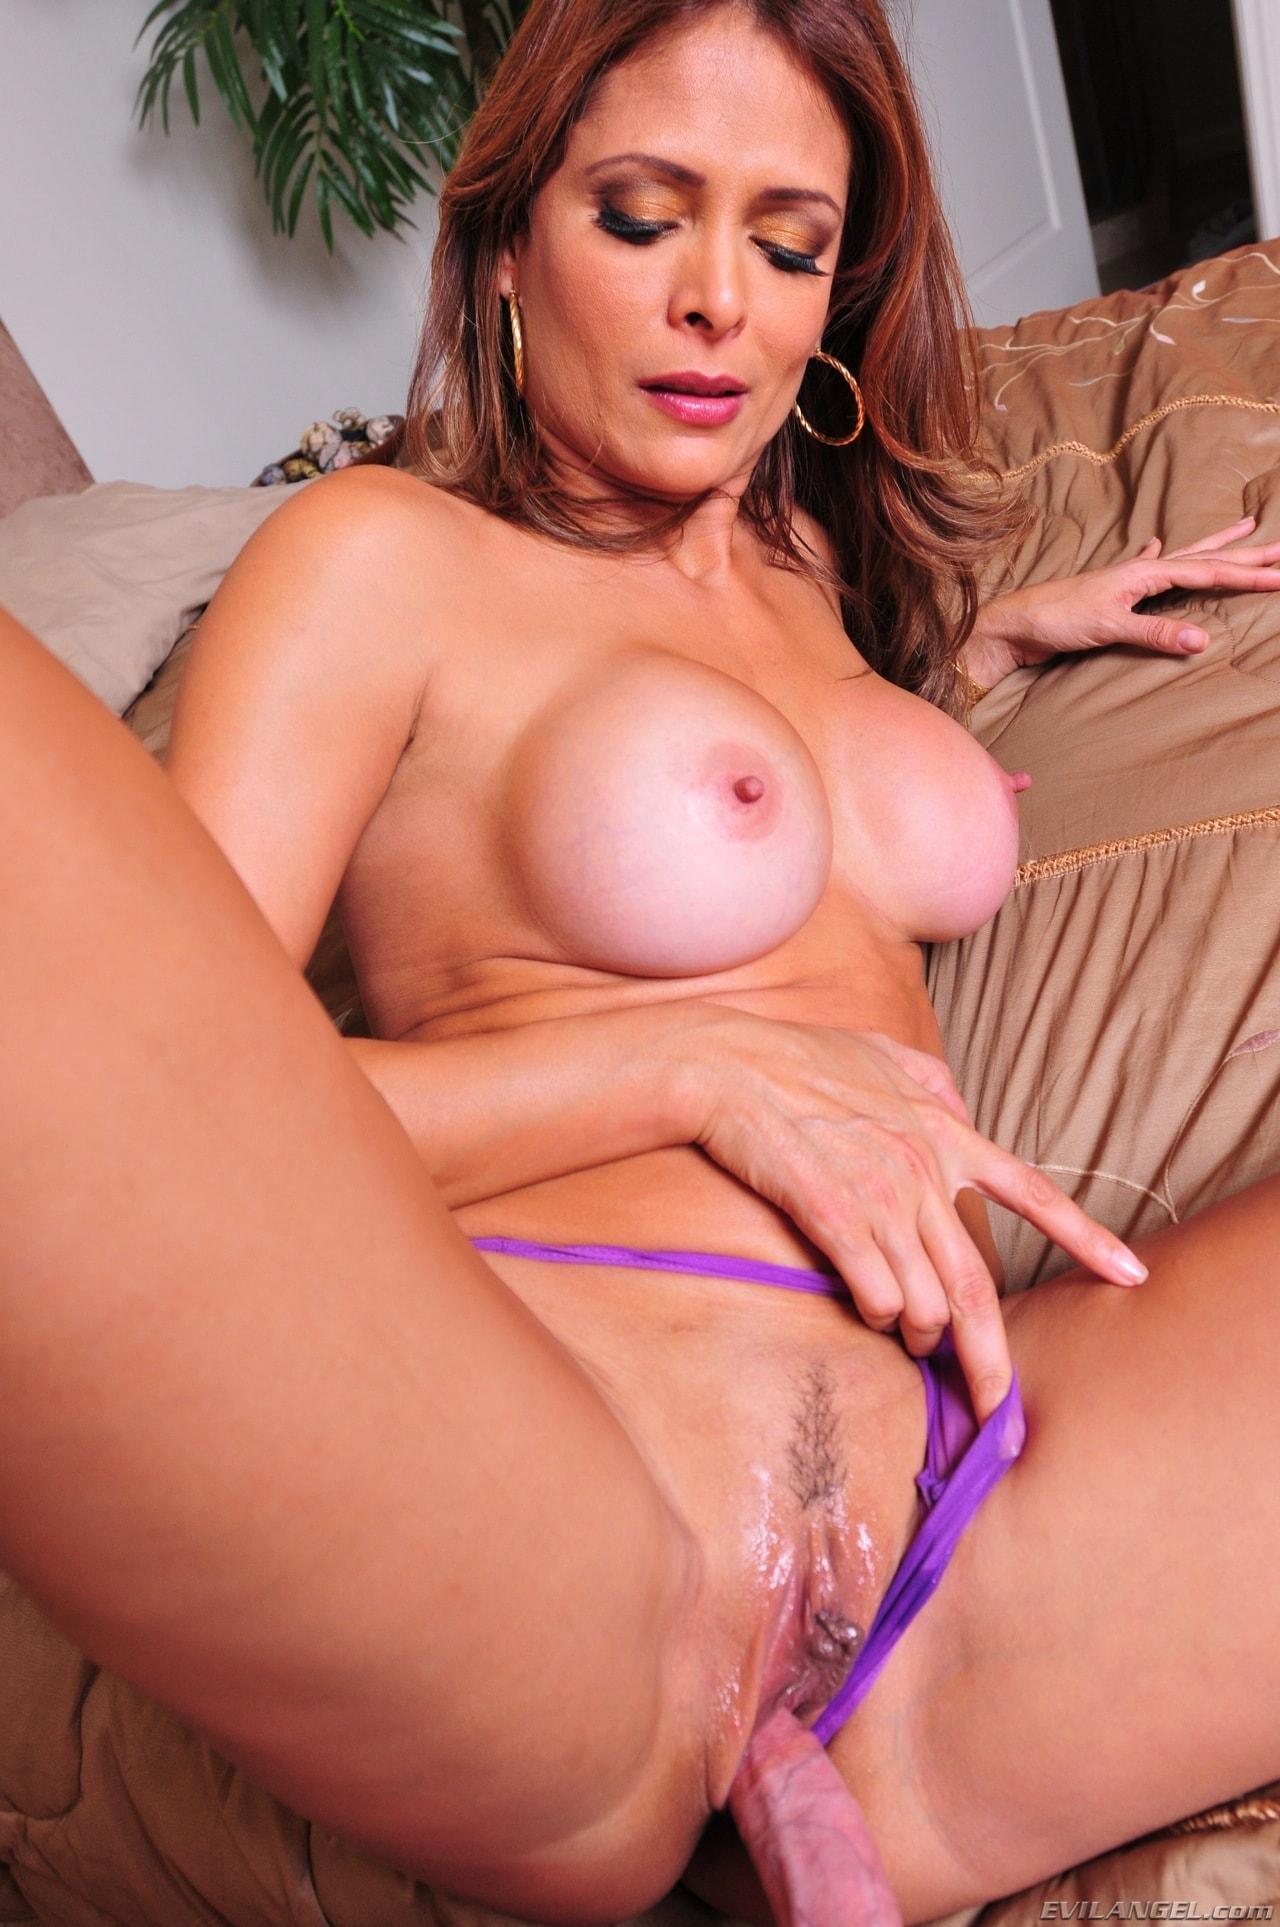 Monique Fuentes SexHD Pics :